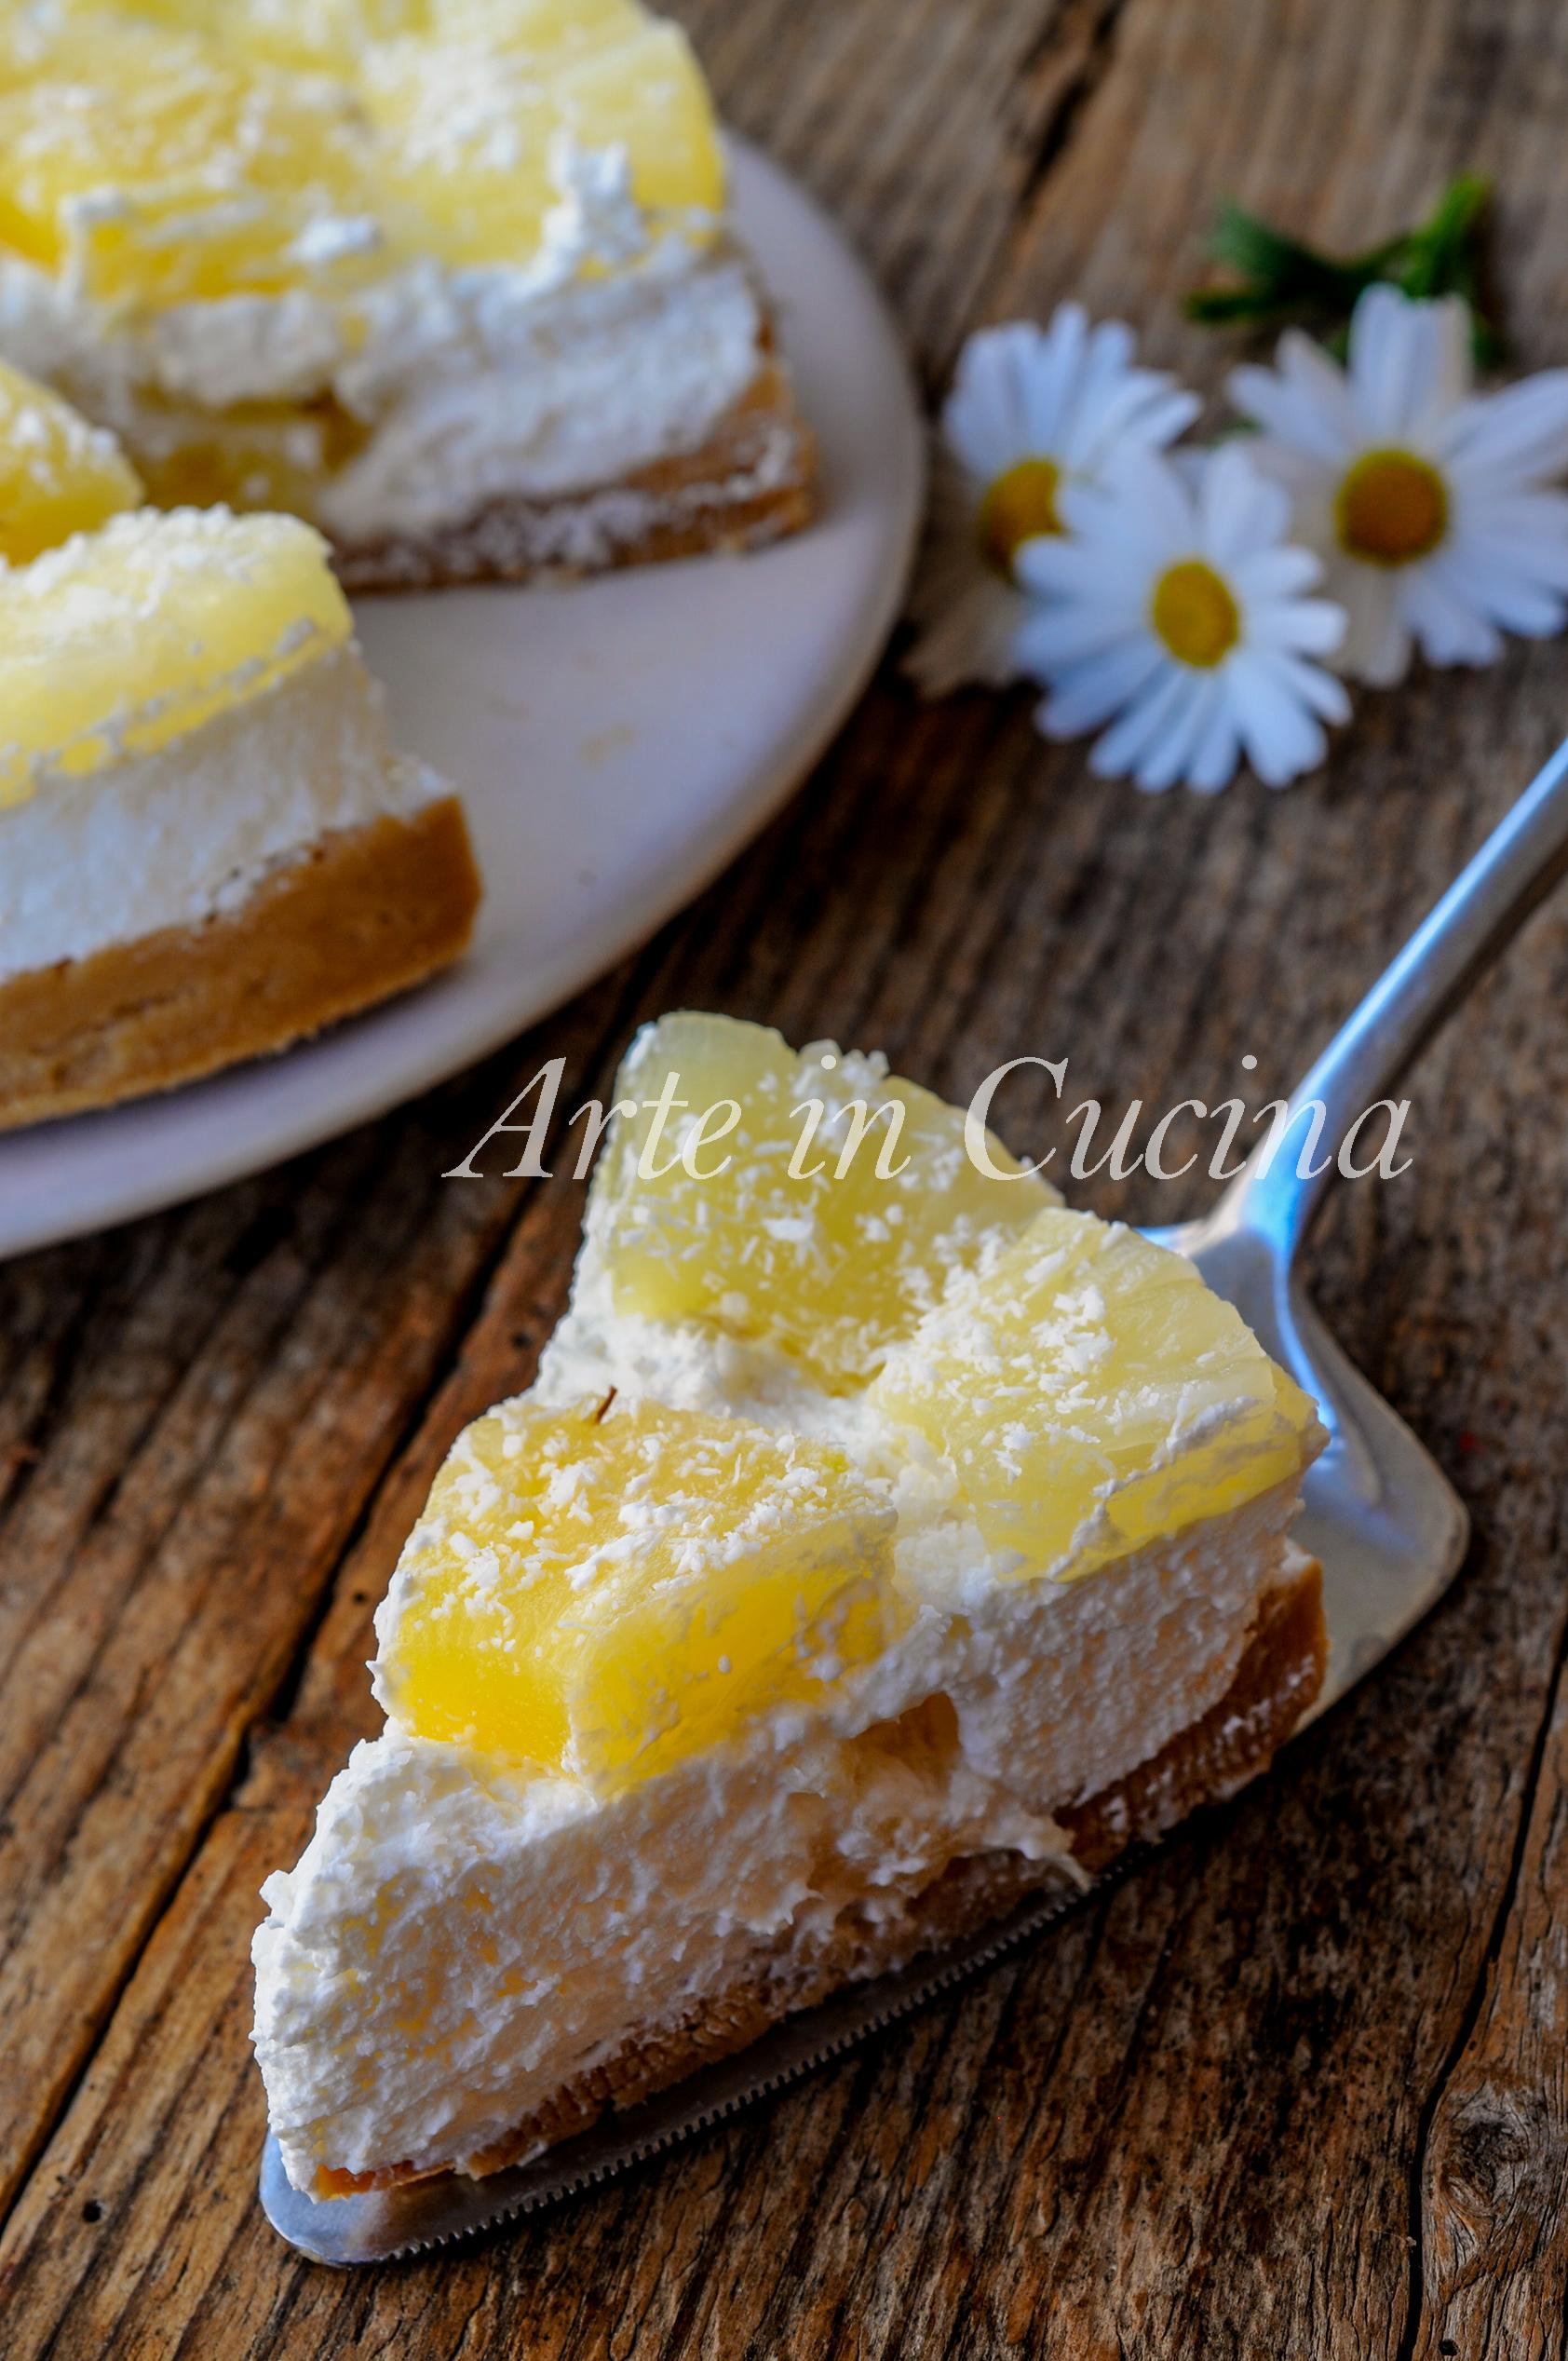 Torta fredda ananas e cocco ricetta facile vickyart arte in cucina